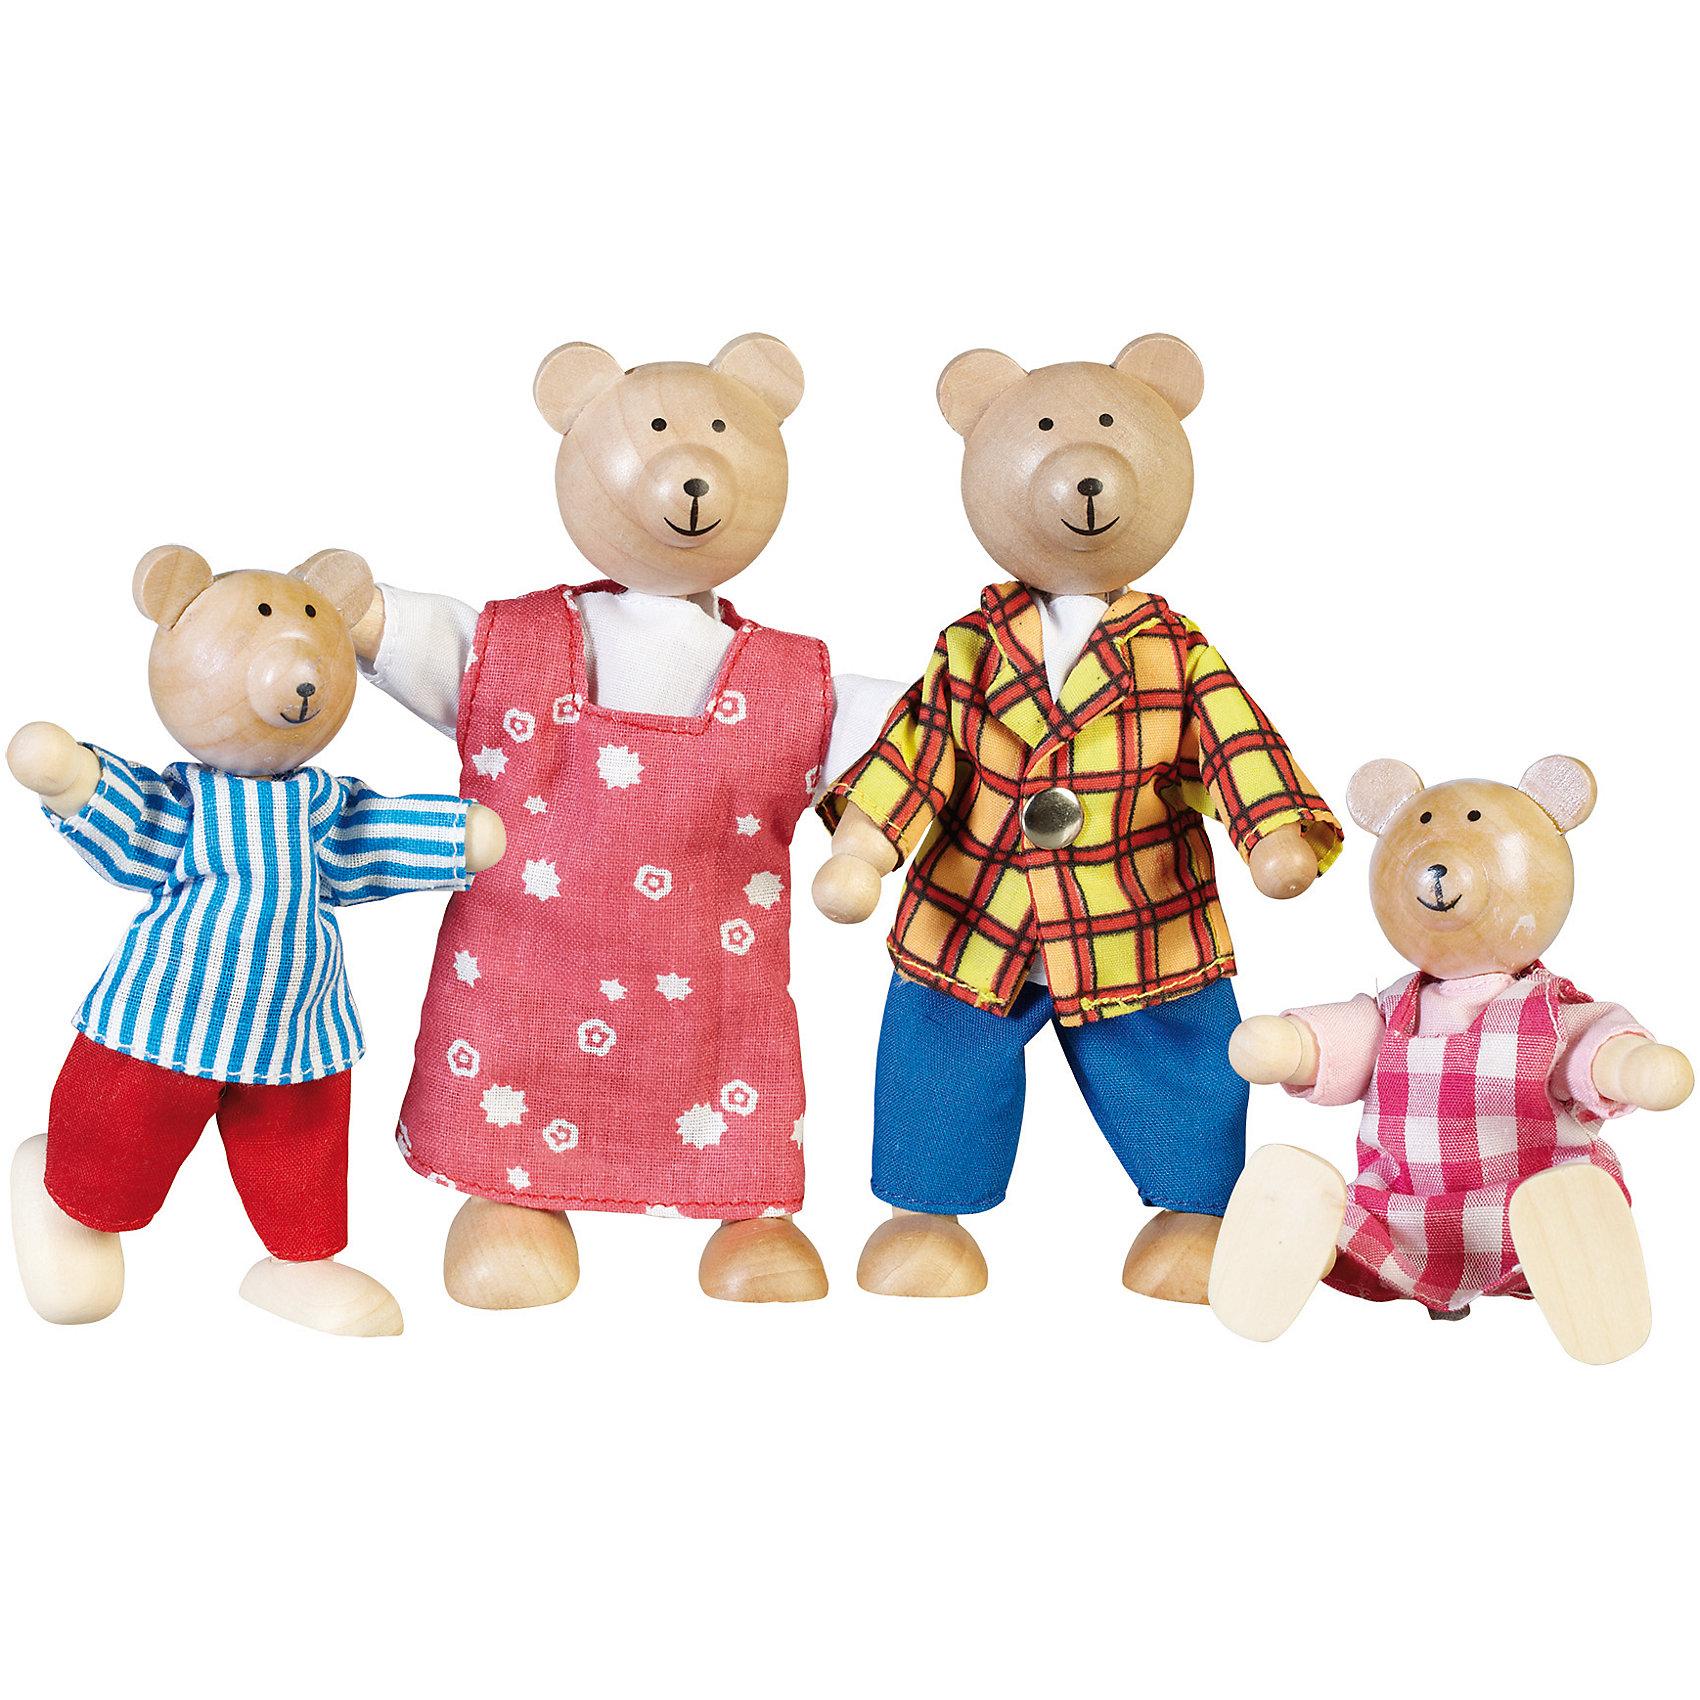 Куклы Семья медведей, GOKIДеревянные куклы, домики и мебель<br>Производитель: Германия<br><br>Возраст: от 3-х лет<br><br>Материалы: дерево<br><br>Размеры: 9,5-12 см, вес набора 0,16 кг<br><br>Ширина мм: 150<br>Глубина мм: 125<br>Высота мм: 40<br>Вес г: 160<br>Возраст от месяцев: 36<br>Возраст до месяцев: 96<br>Пол: Унисекс<br>Возраст: Детский<br>SKU: 4732384